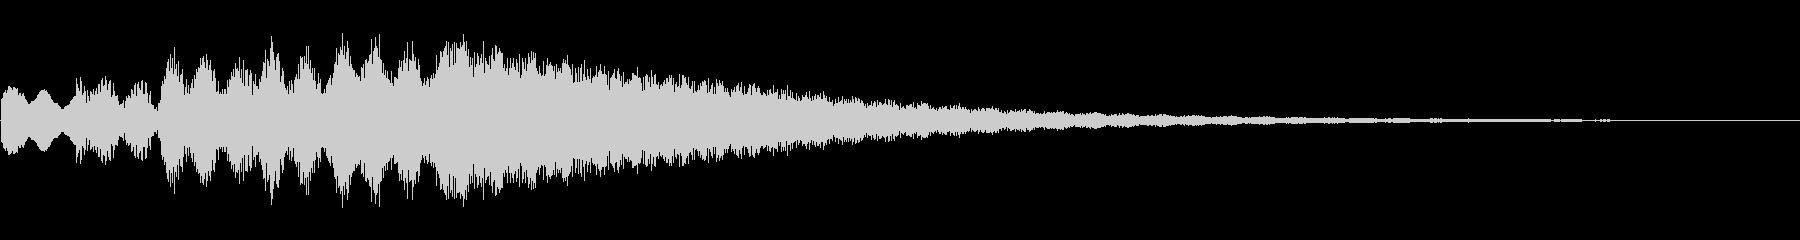 バイブラフォン:「グッドモーニング」、高の未再生の波形